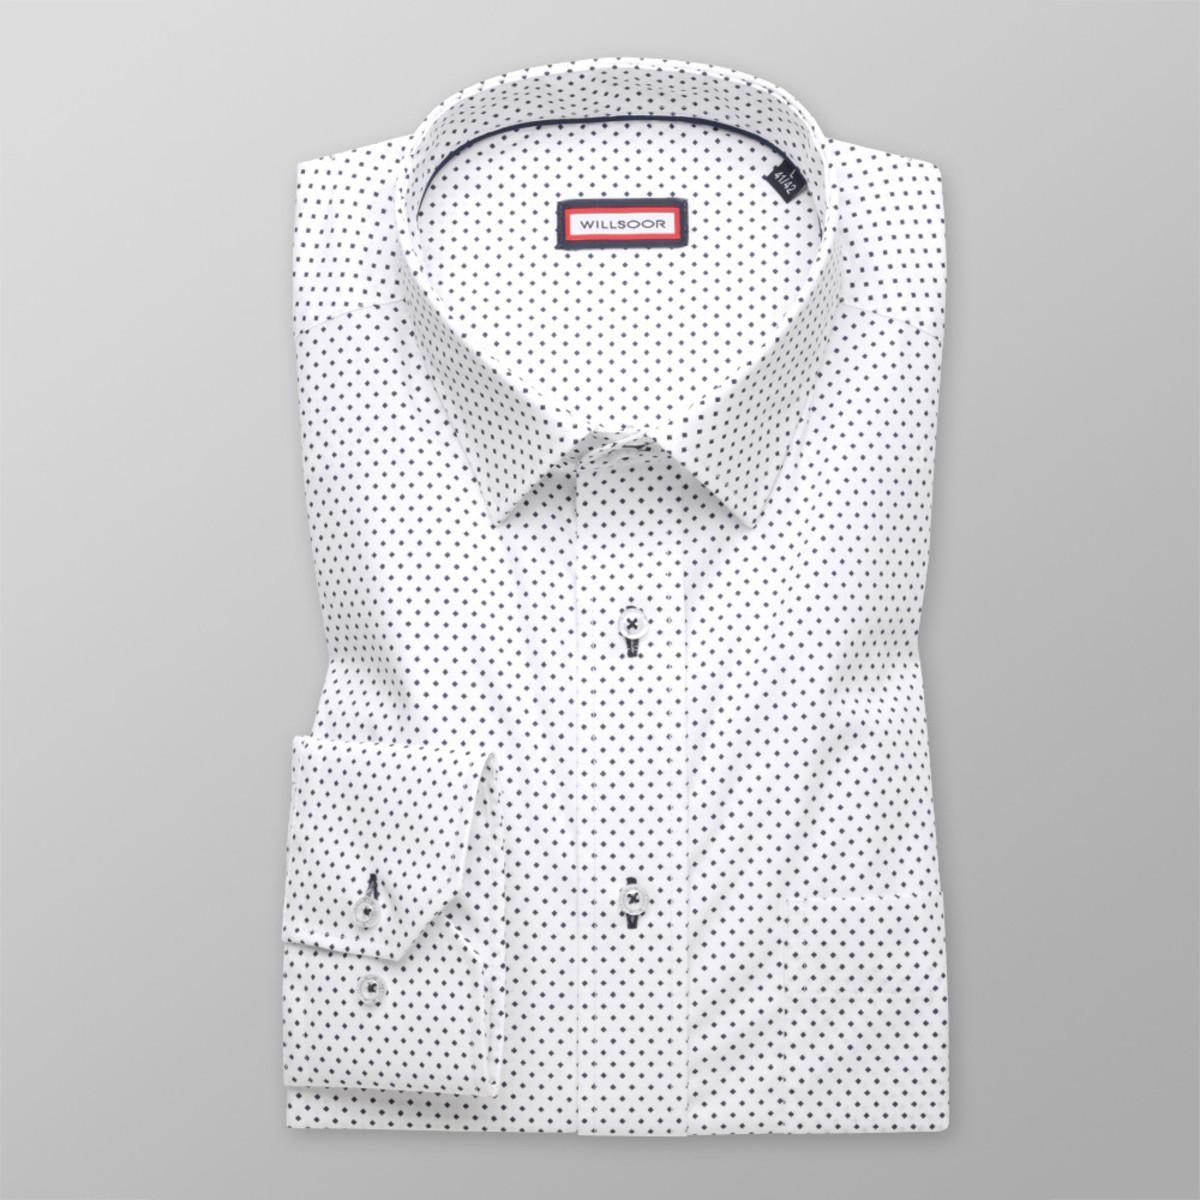 Pánska klasická košeľa (všetky veľkosti) jemne vzorovaná 9644 176-182 / XL (43/44)